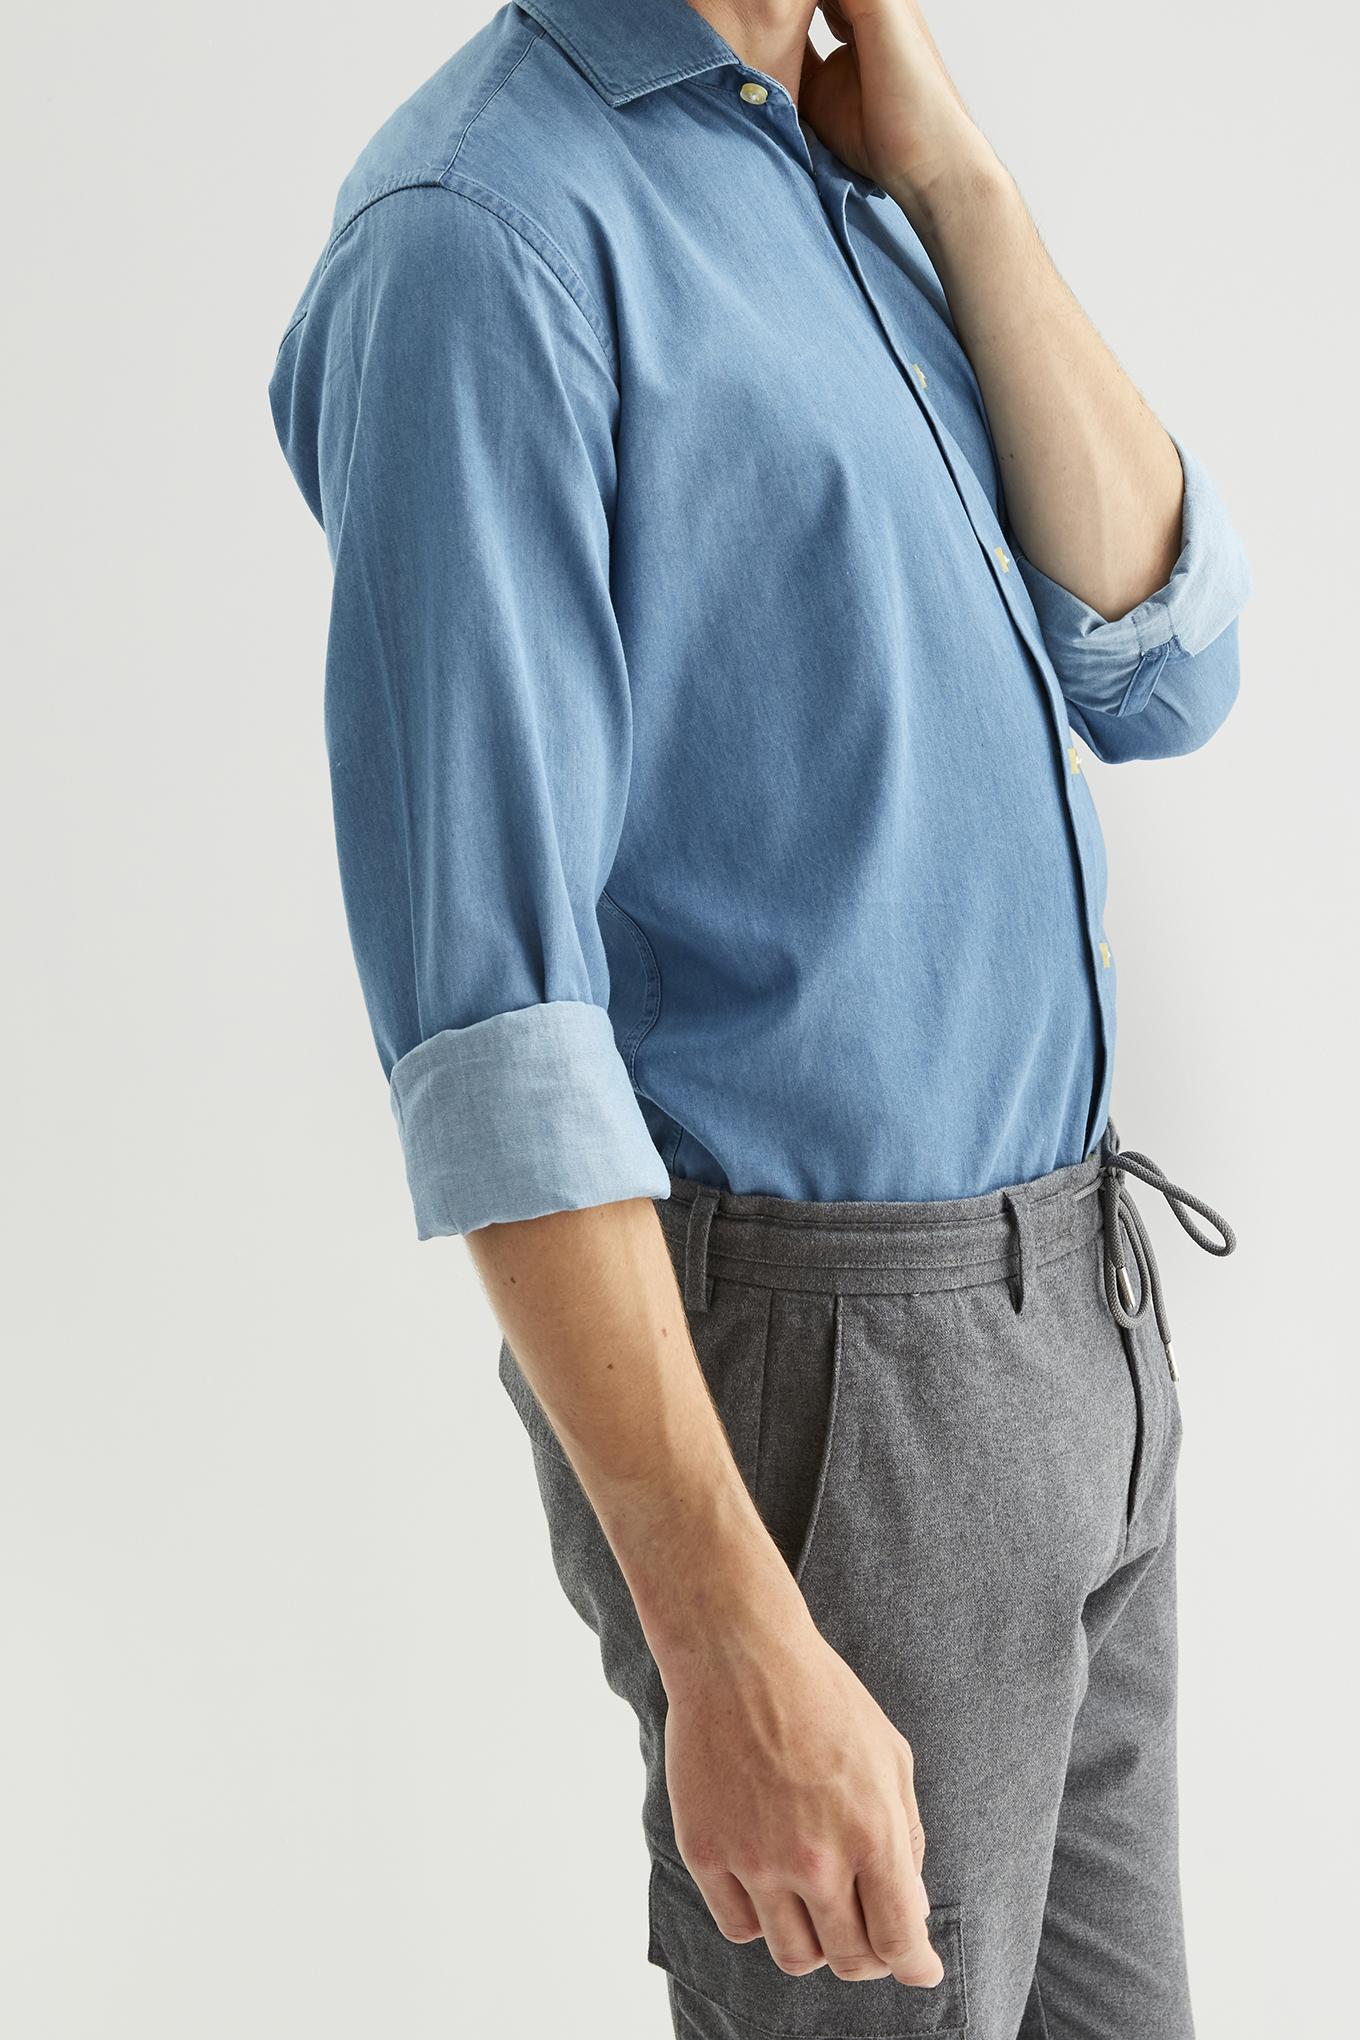 Camisa Azul Médio Casual Homem